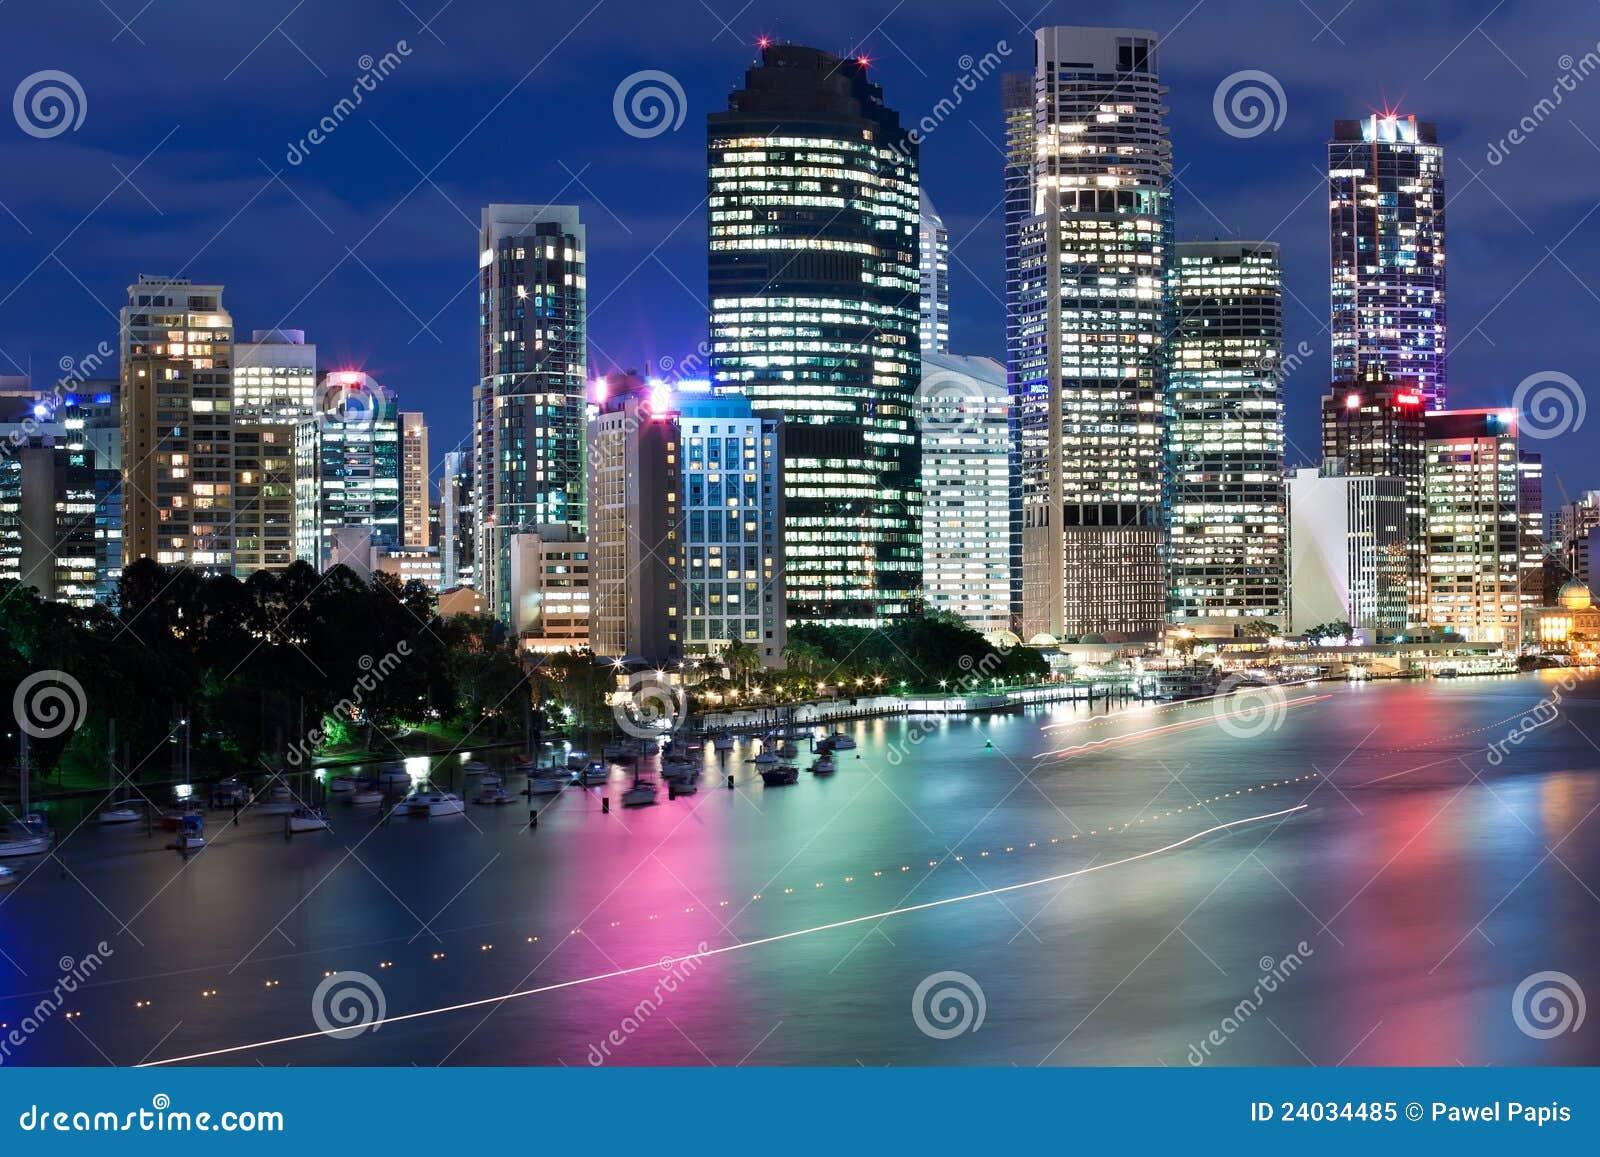 Date night in dallas in Brisbane